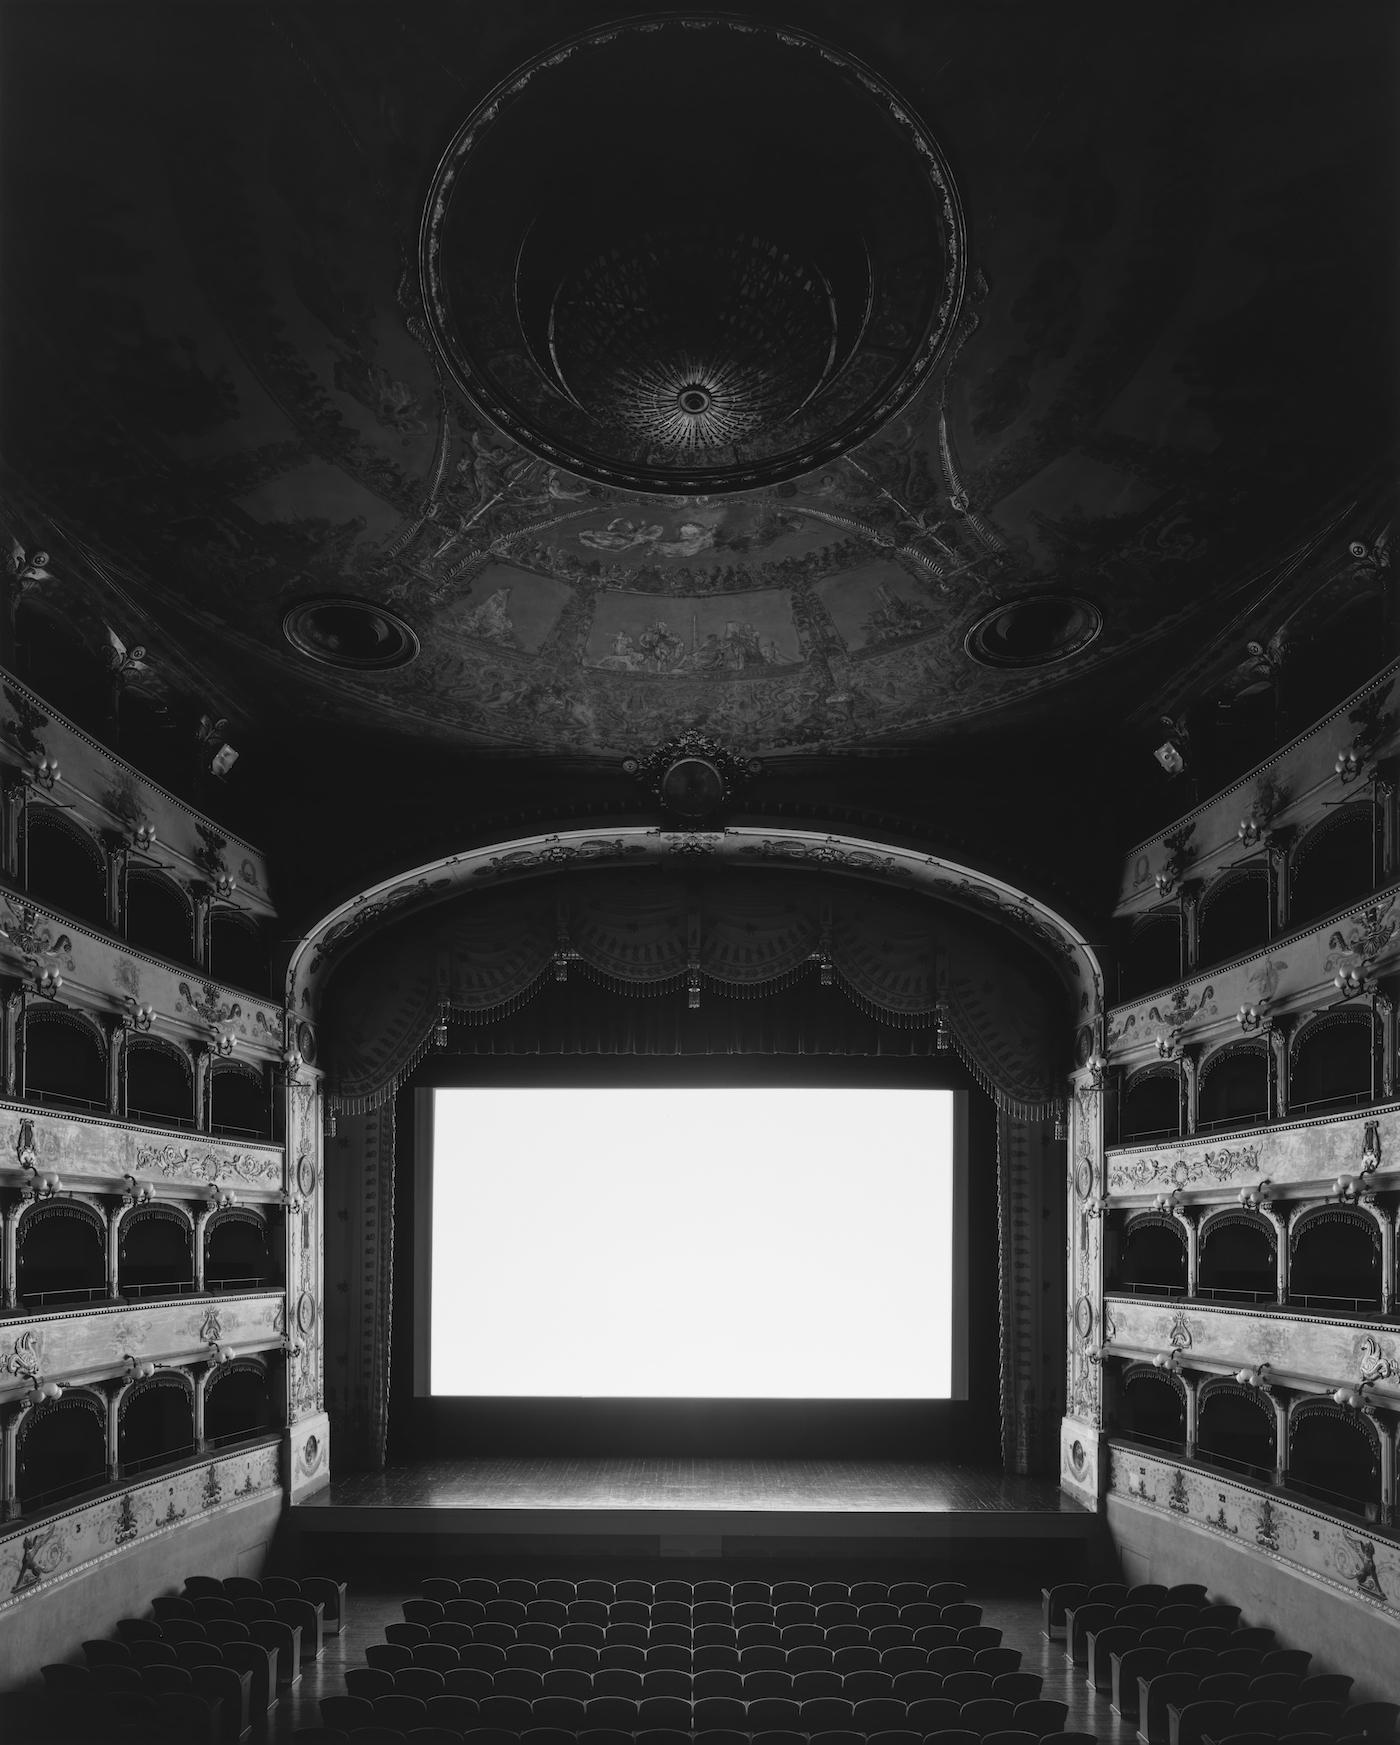 teatro-comunale-di-ferrara-ferrara-2015